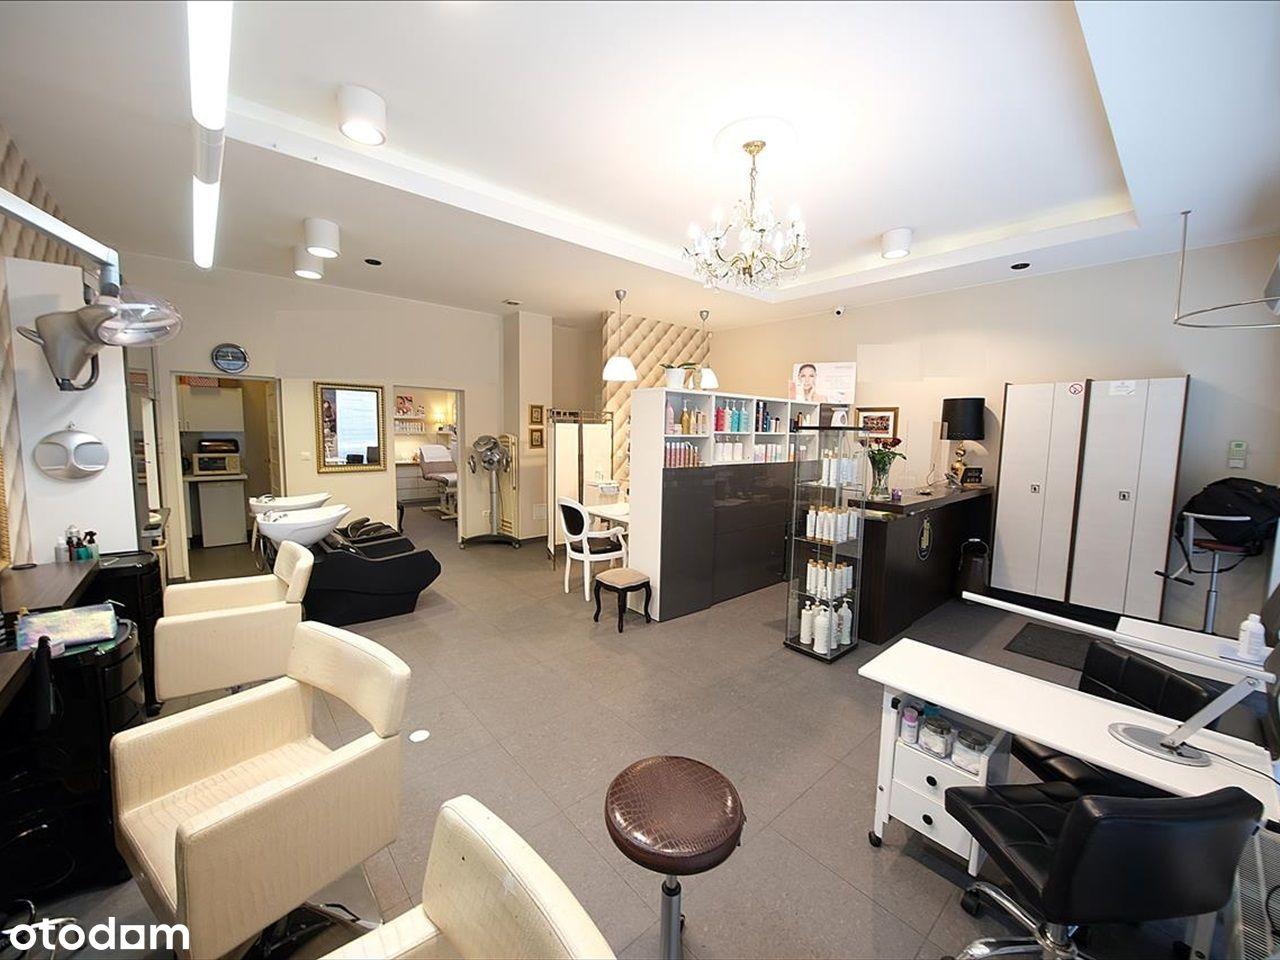 Salon fryzjerski i piękności -kompletny biznes